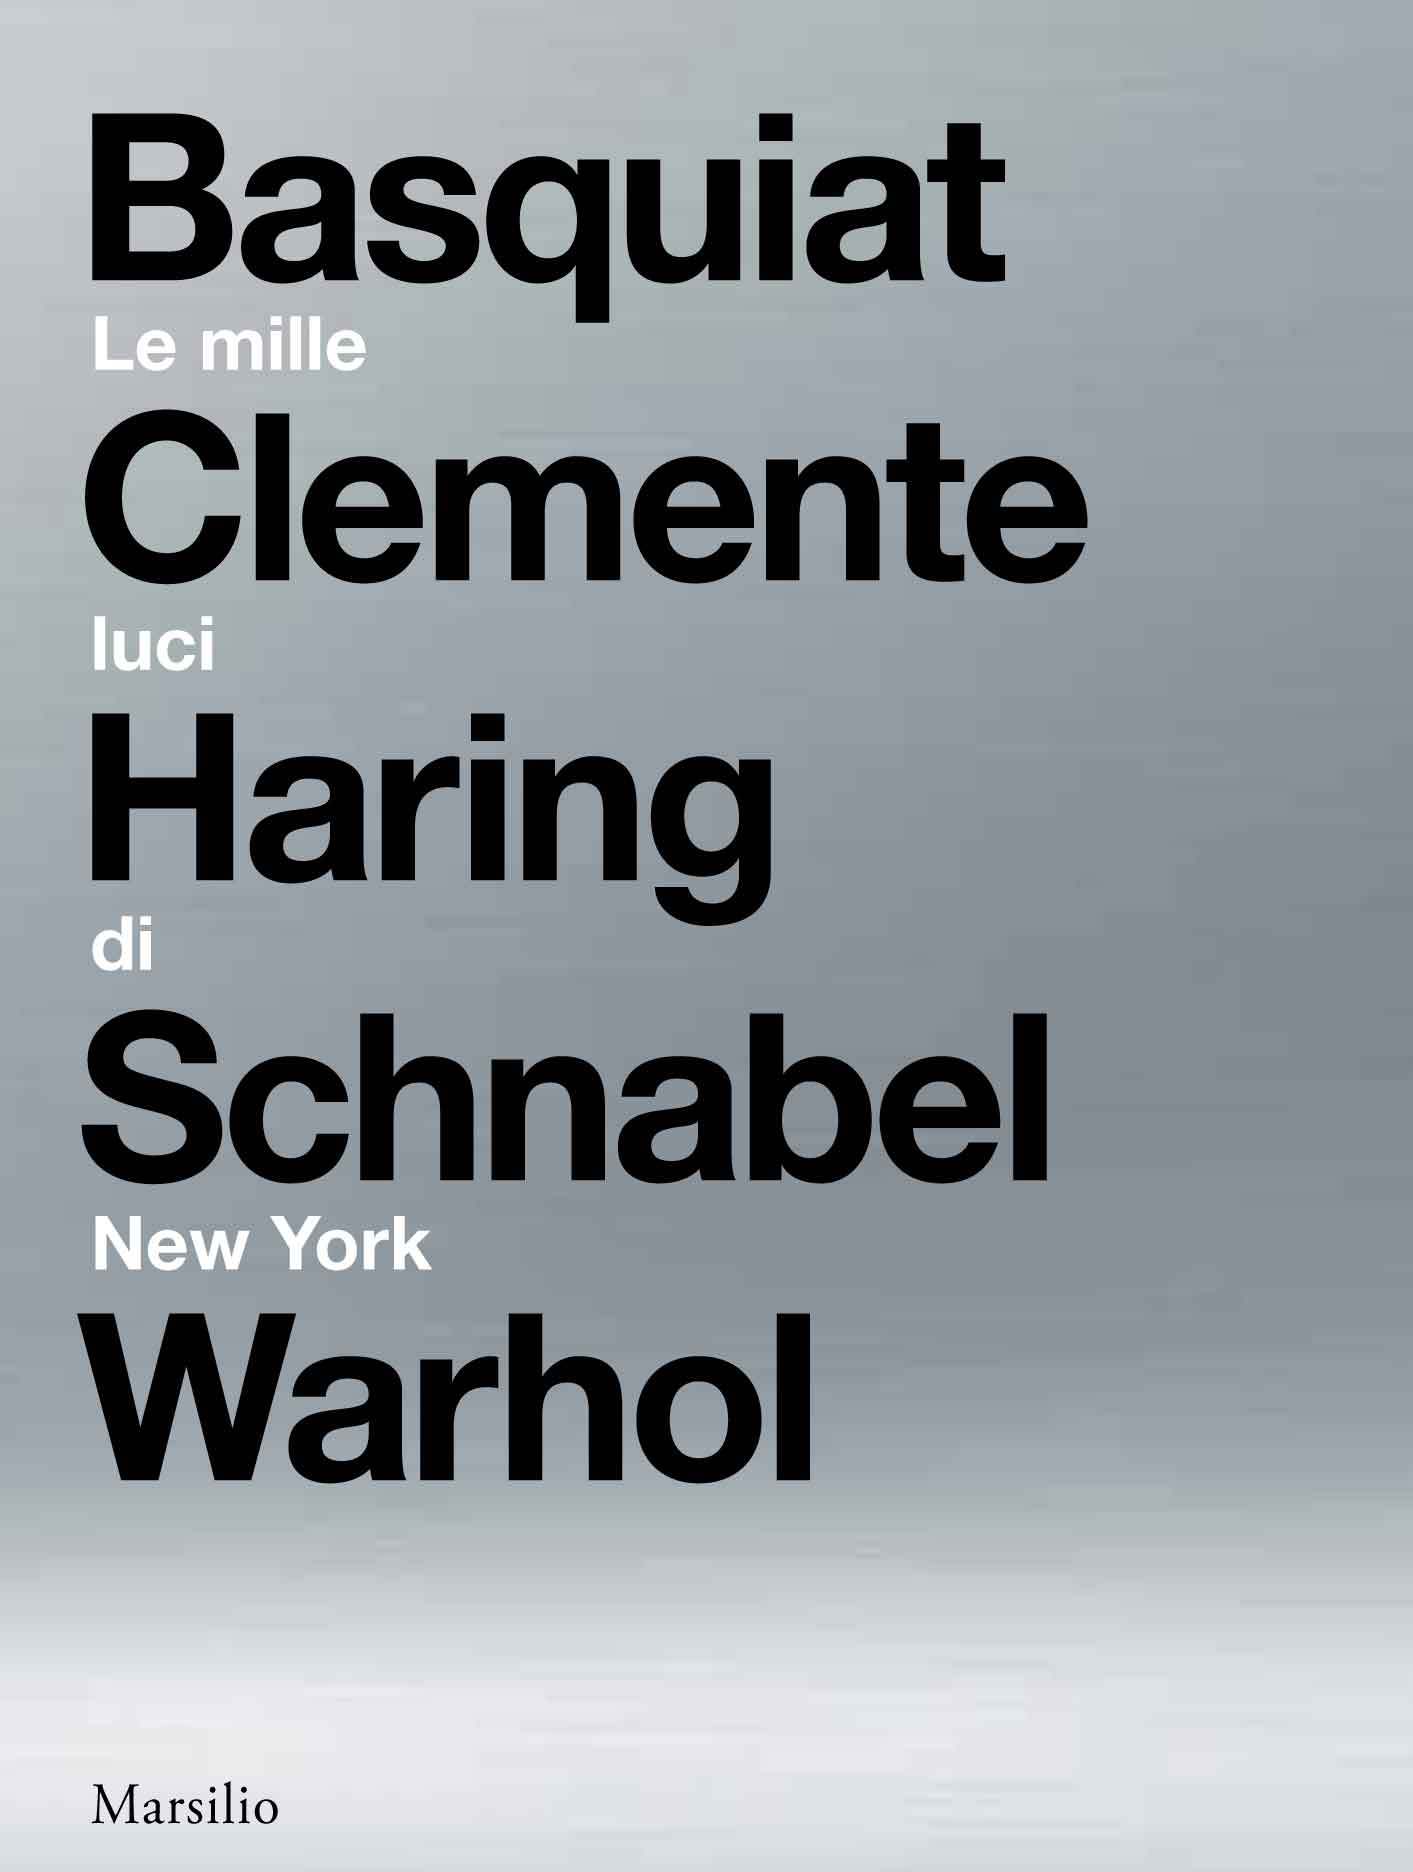 Basquiat, Clemente, Haring, Schnabel, Warhol